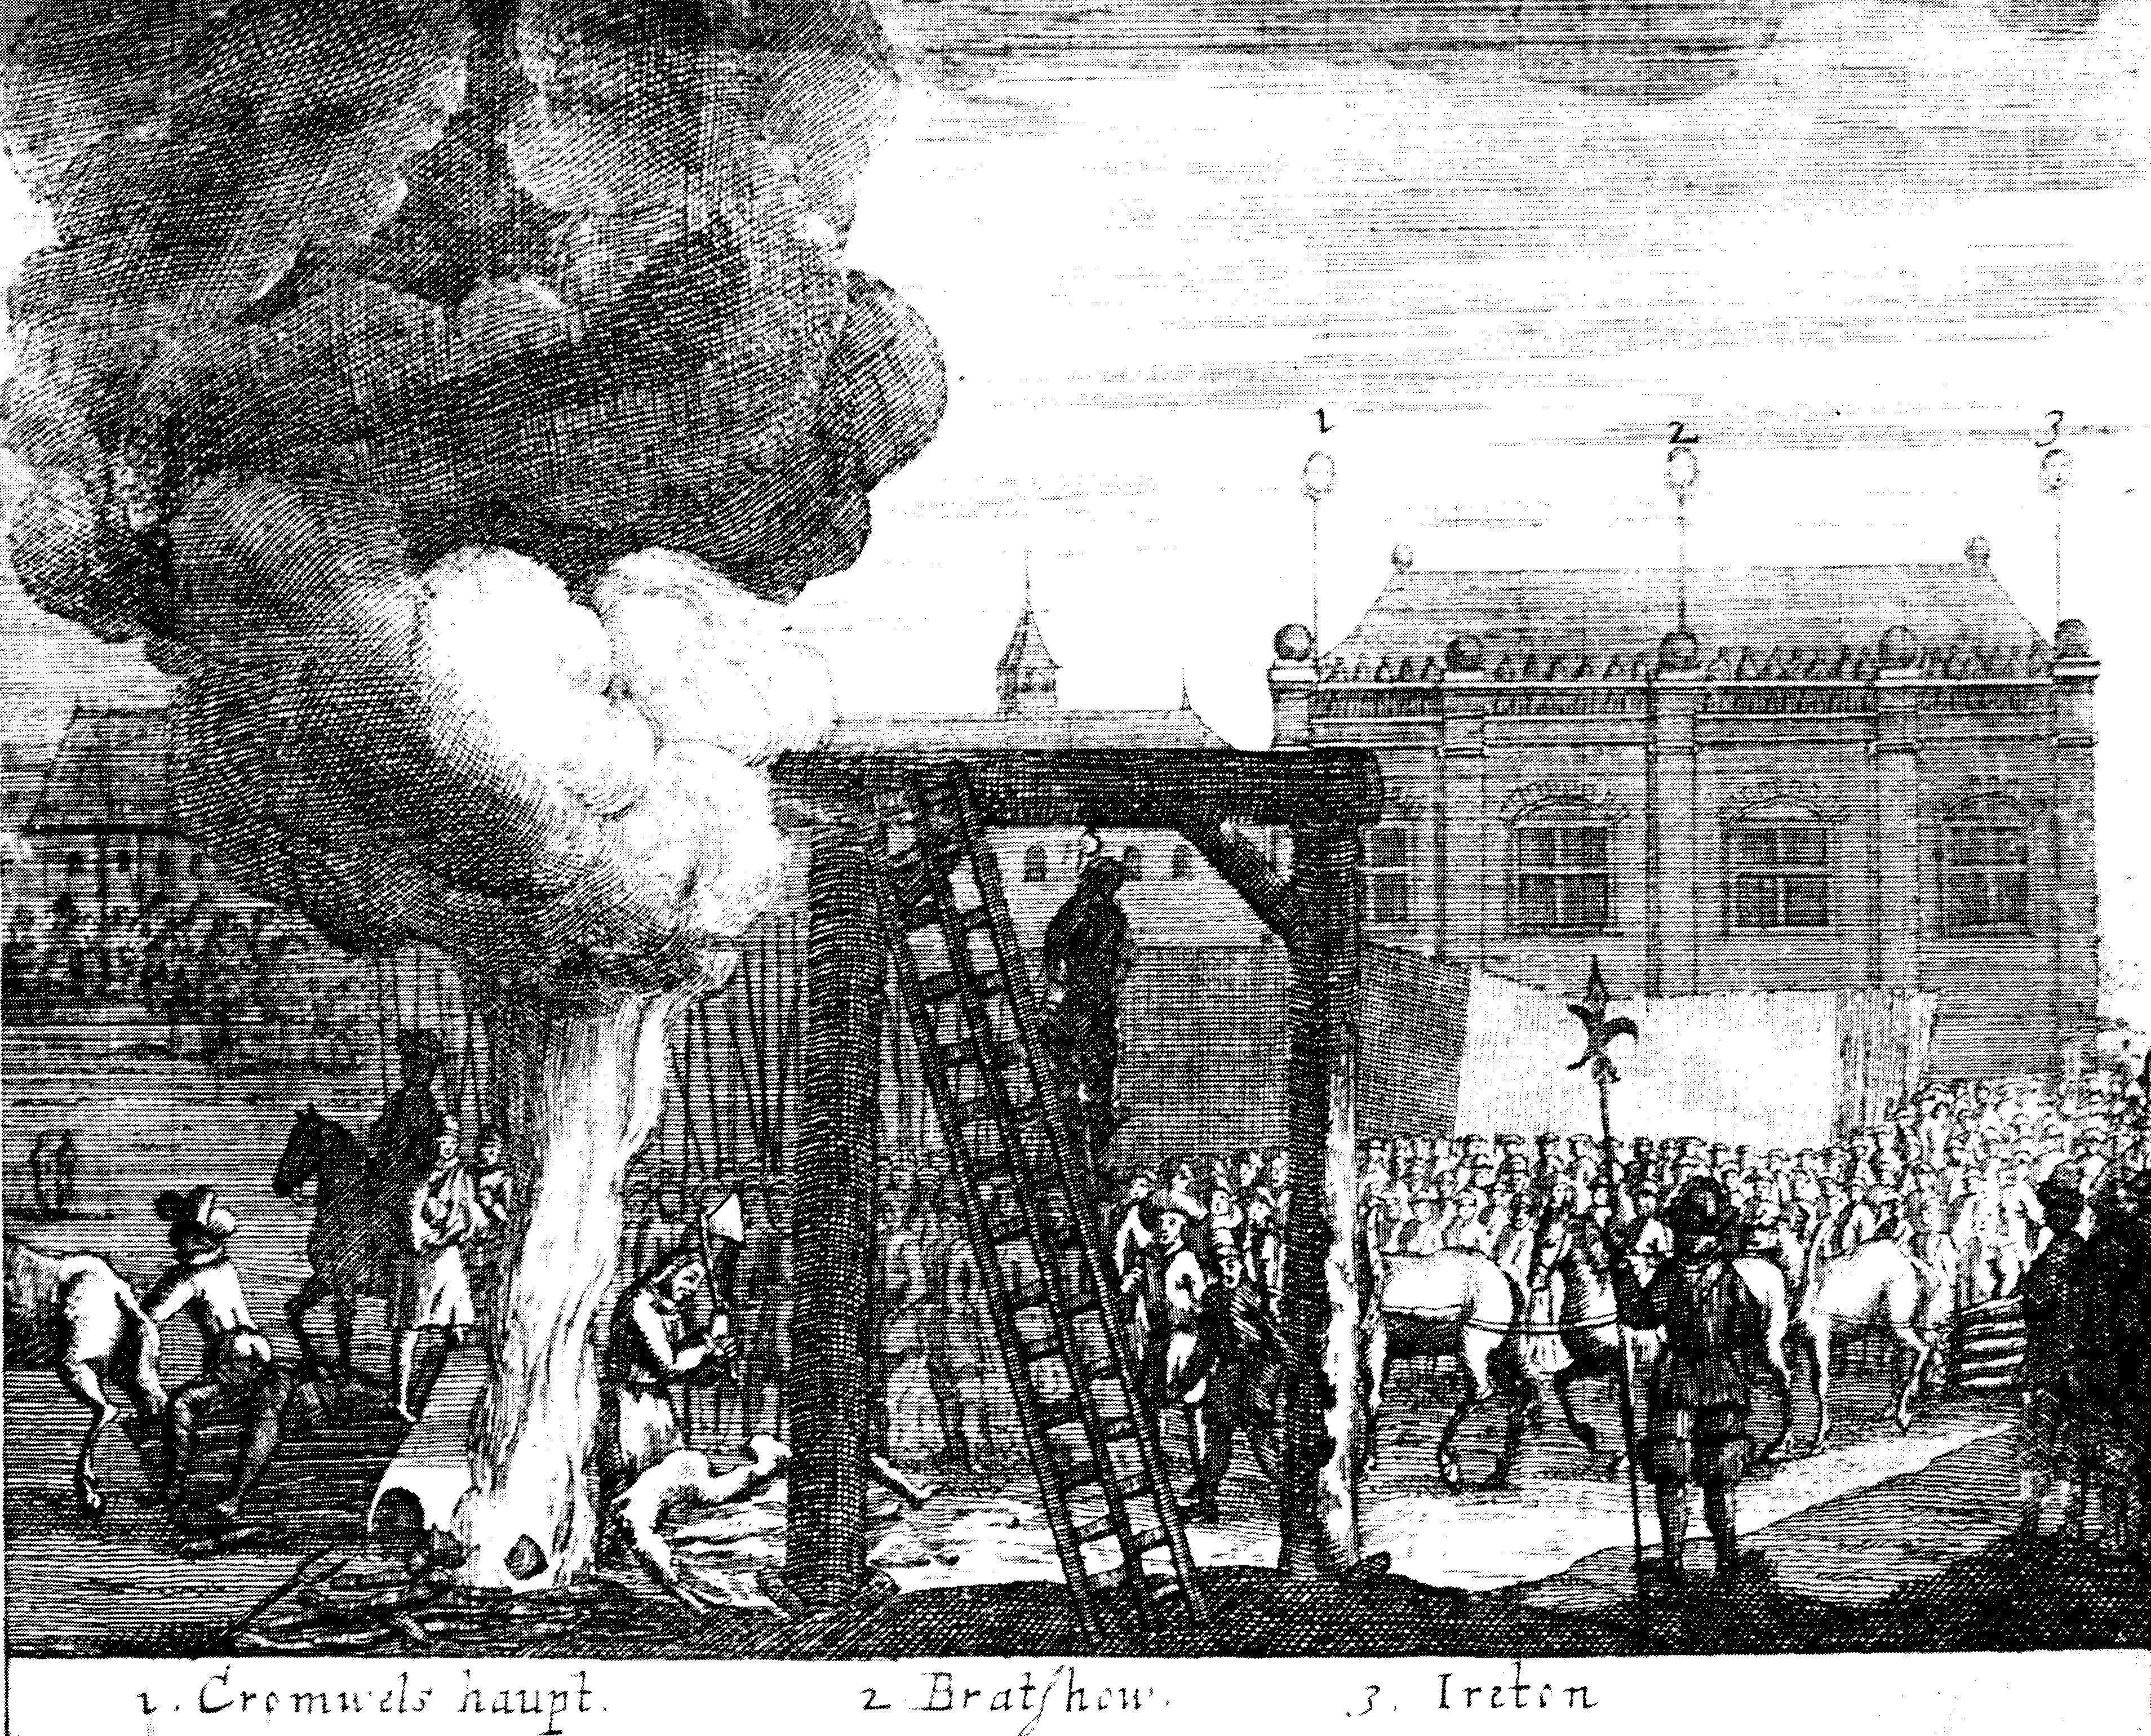 Cromwell head Execution_of_Cromwell,_Bradshaw_and_Ireton,_1661